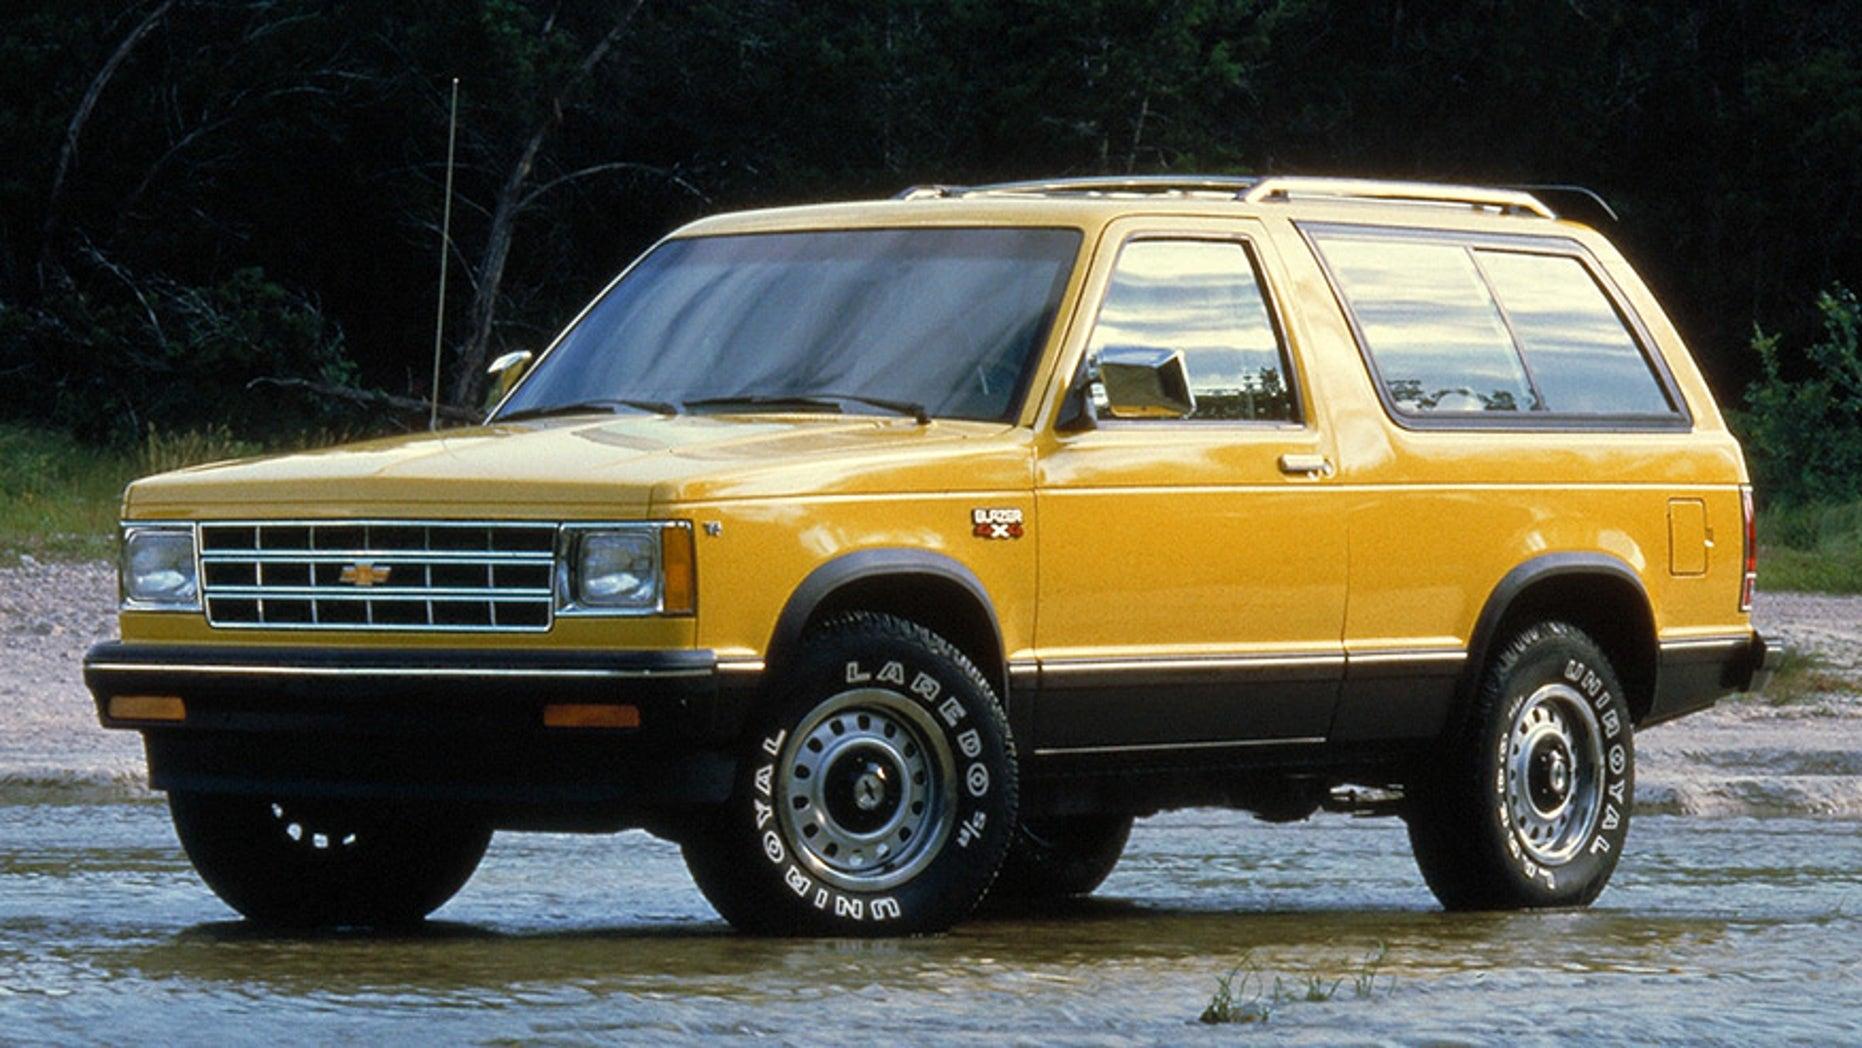 1983 Chevrolet S-10 Blazer